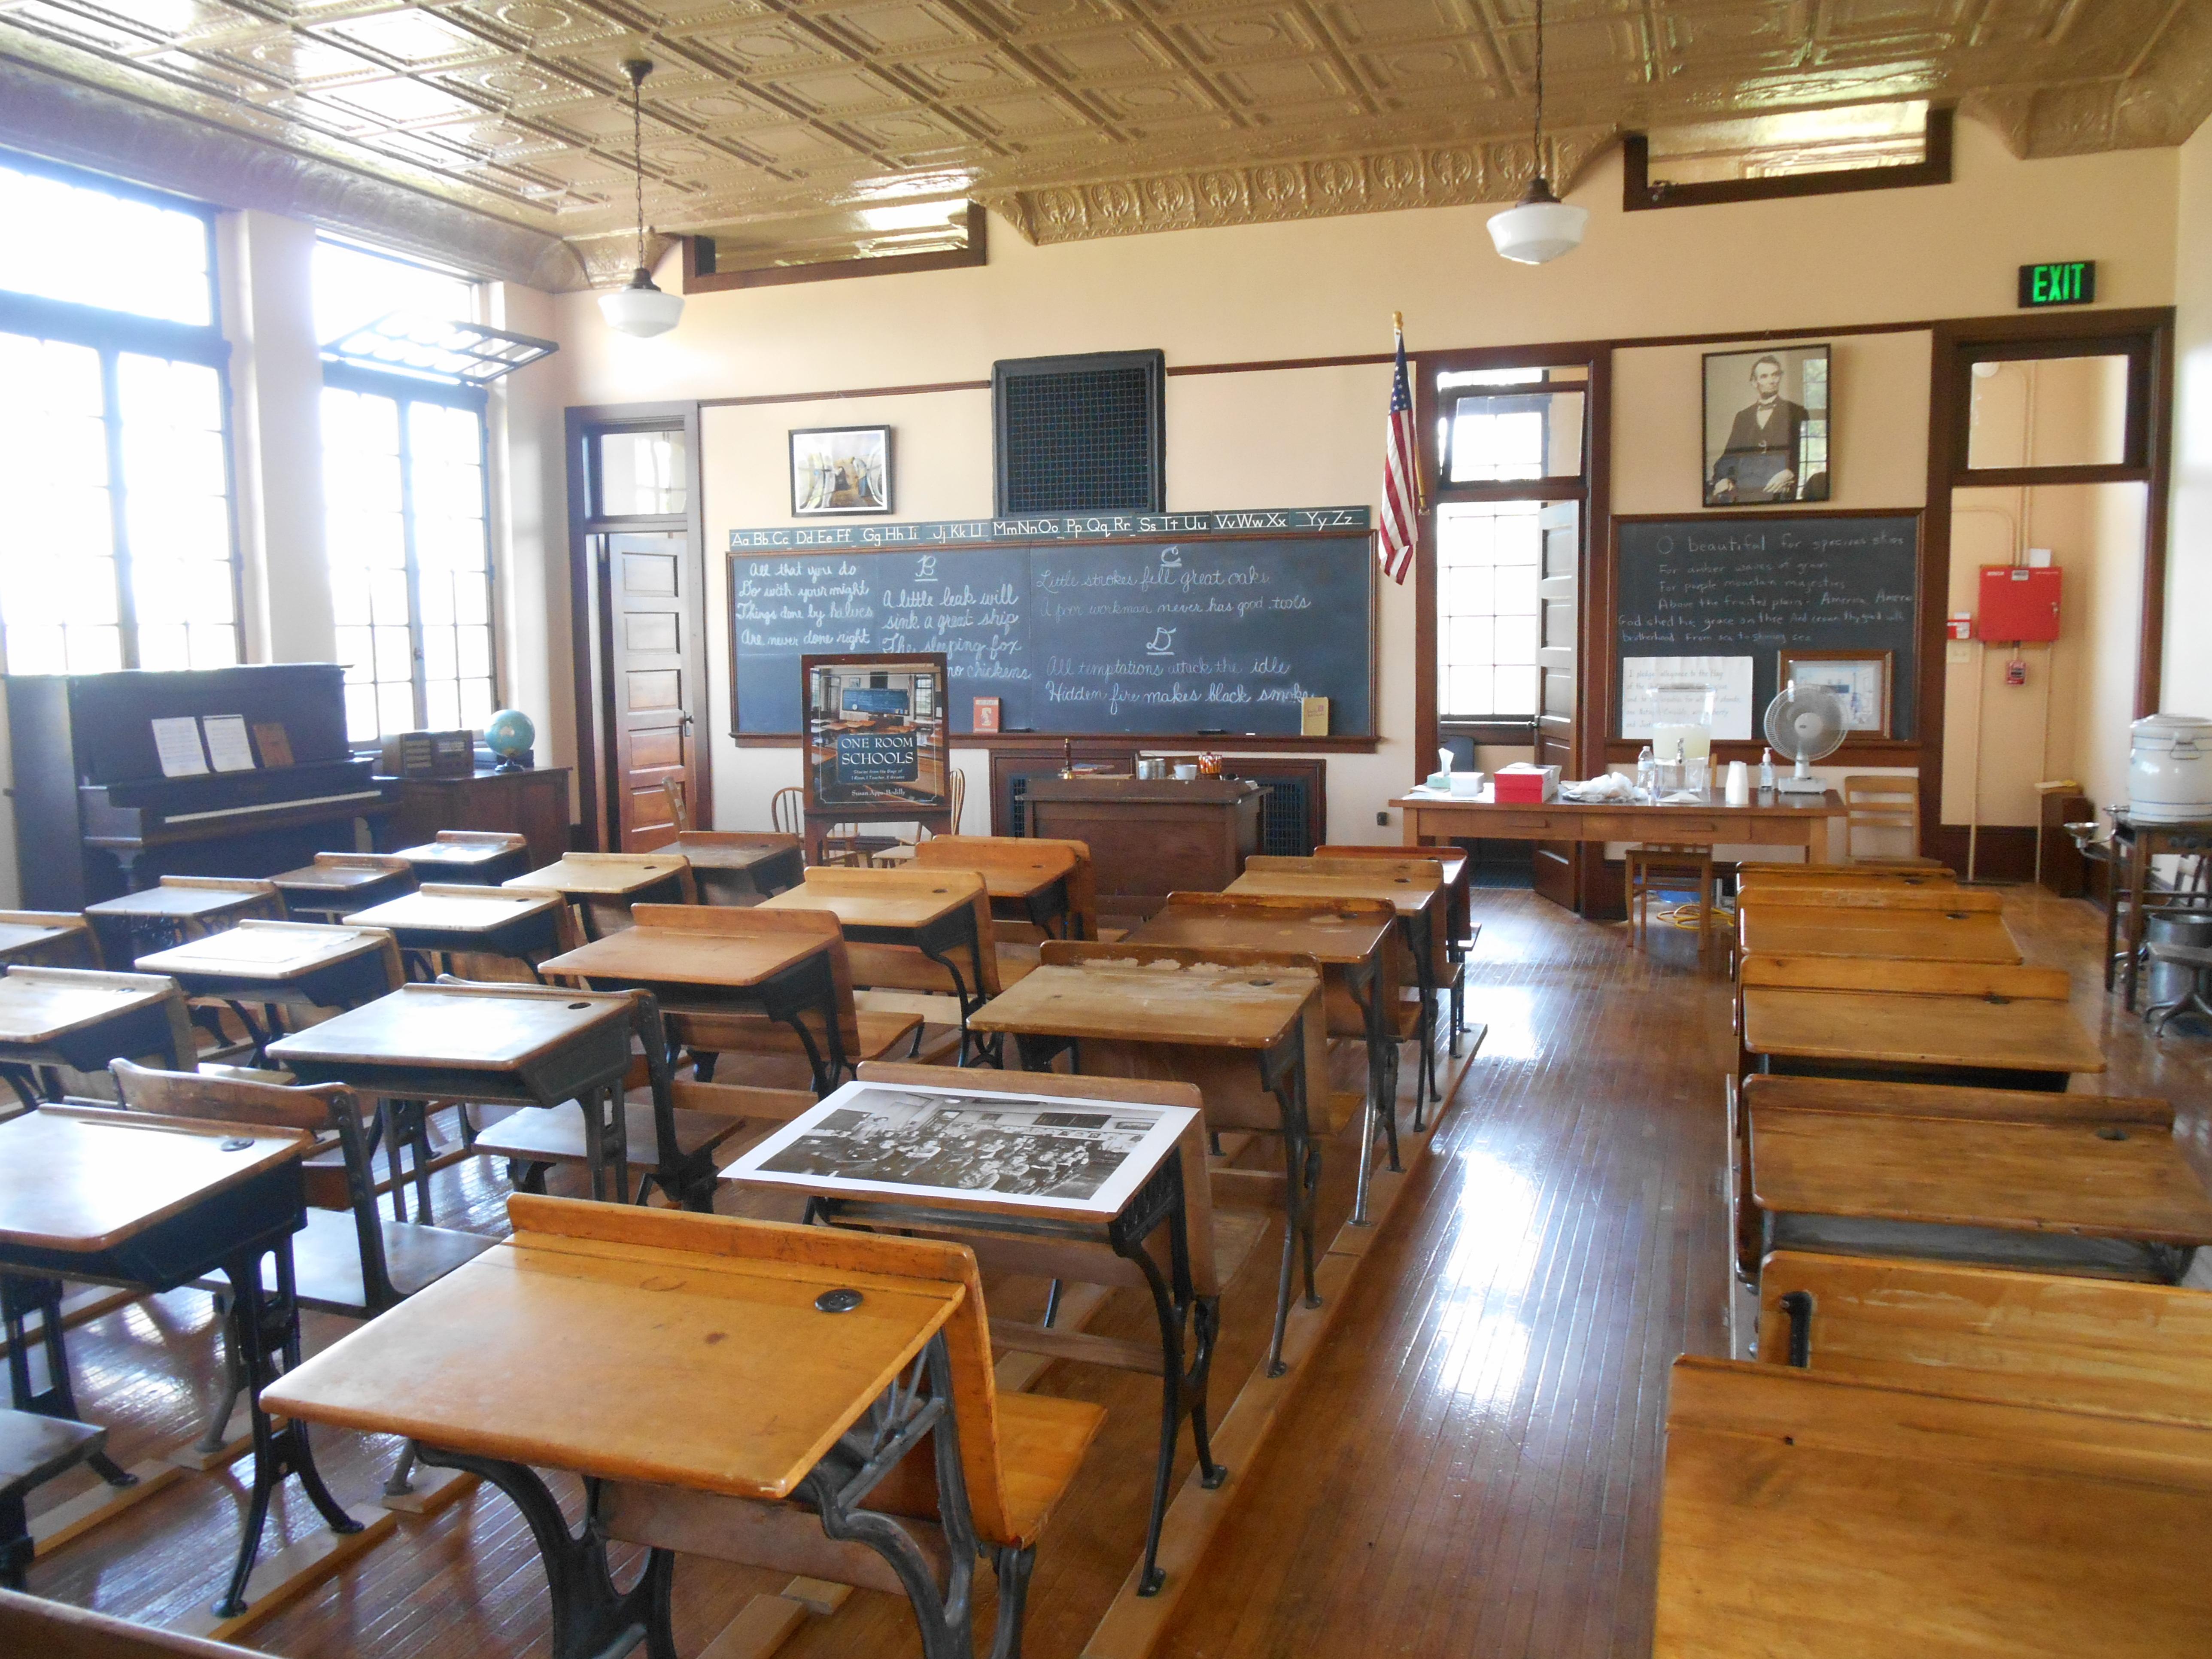 o a manufacturing verona wi school - photo#17